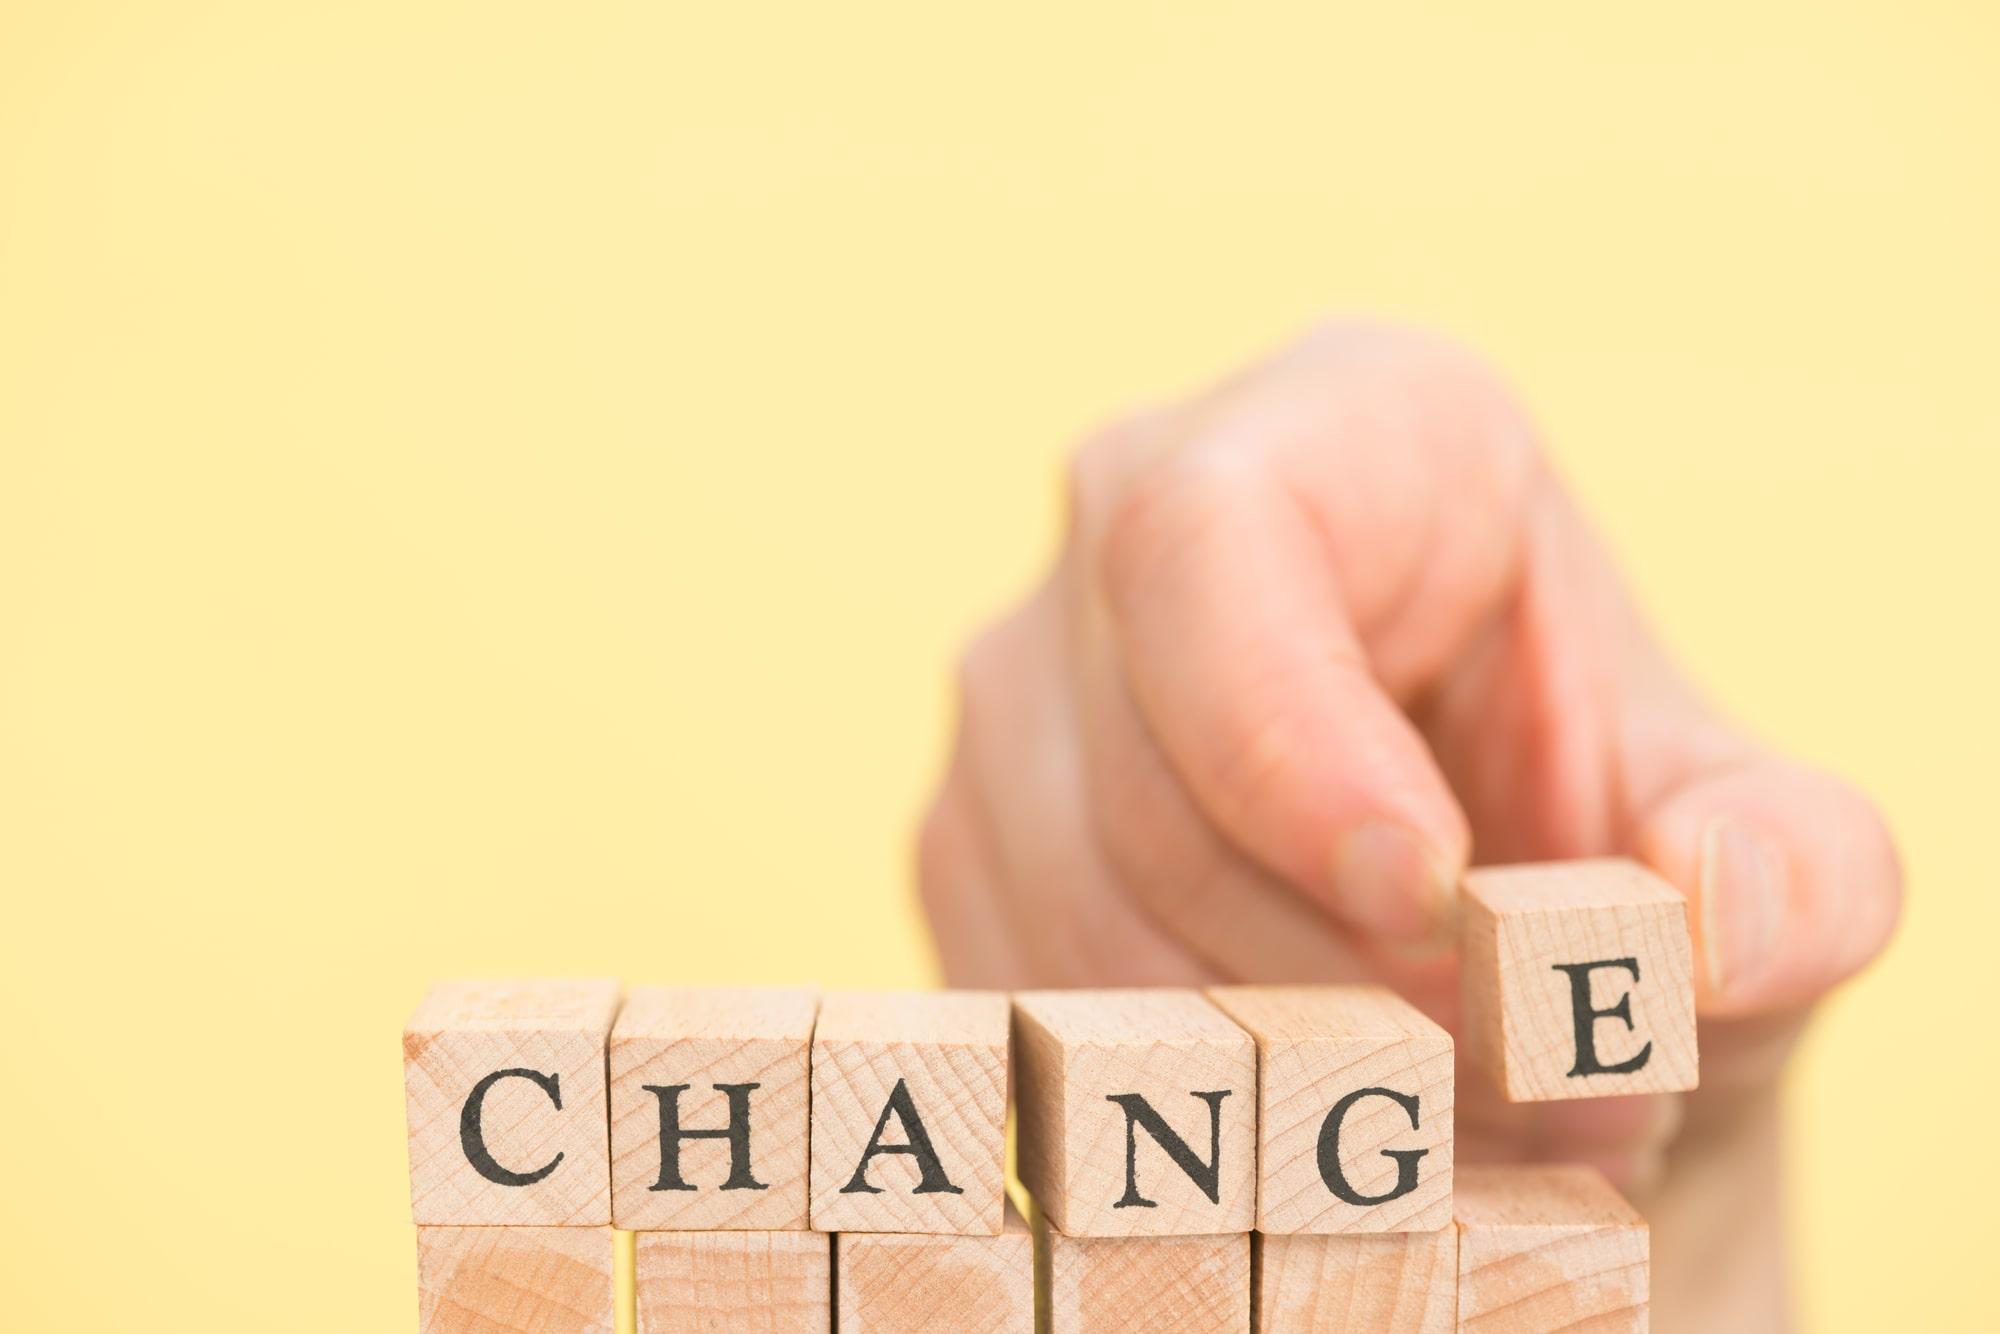 <きっかけはコロナ>コロナによる暮らしの変化5つ|TIME SHARING|タイムシェアリング|スペースマネジメント|あどばる|adval|SHARING